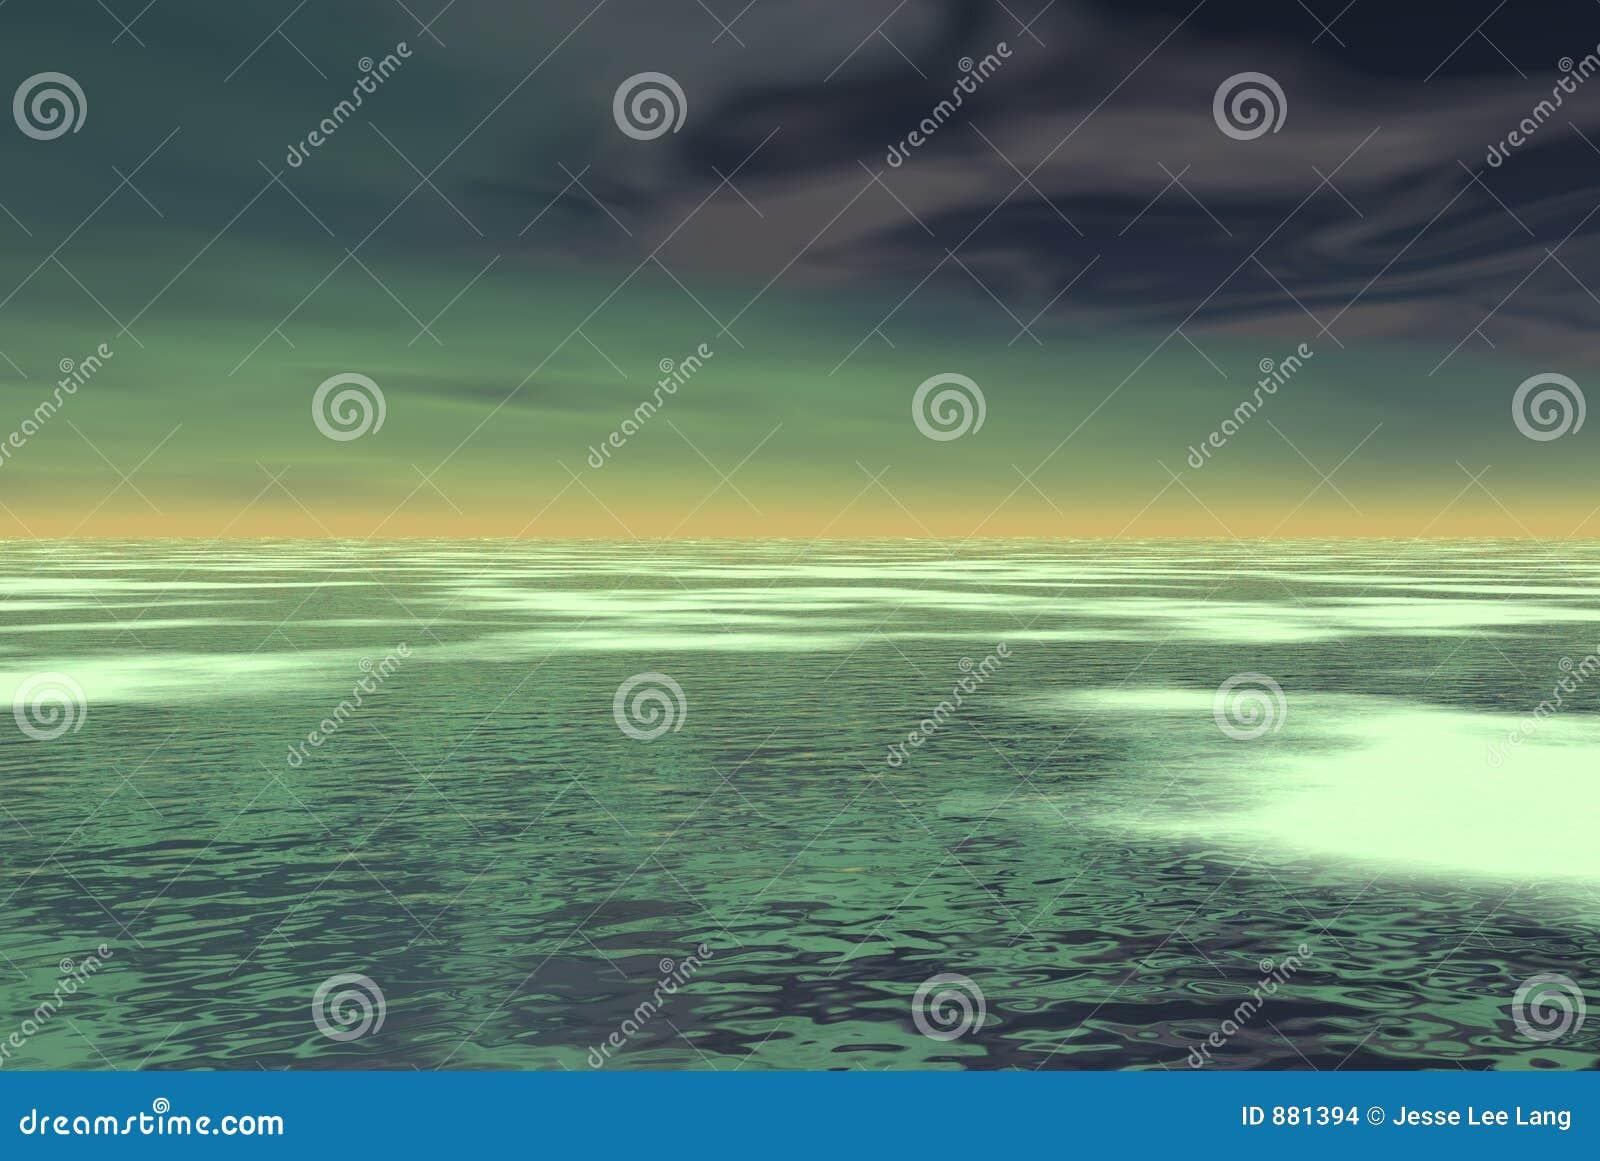 Straszny zielone